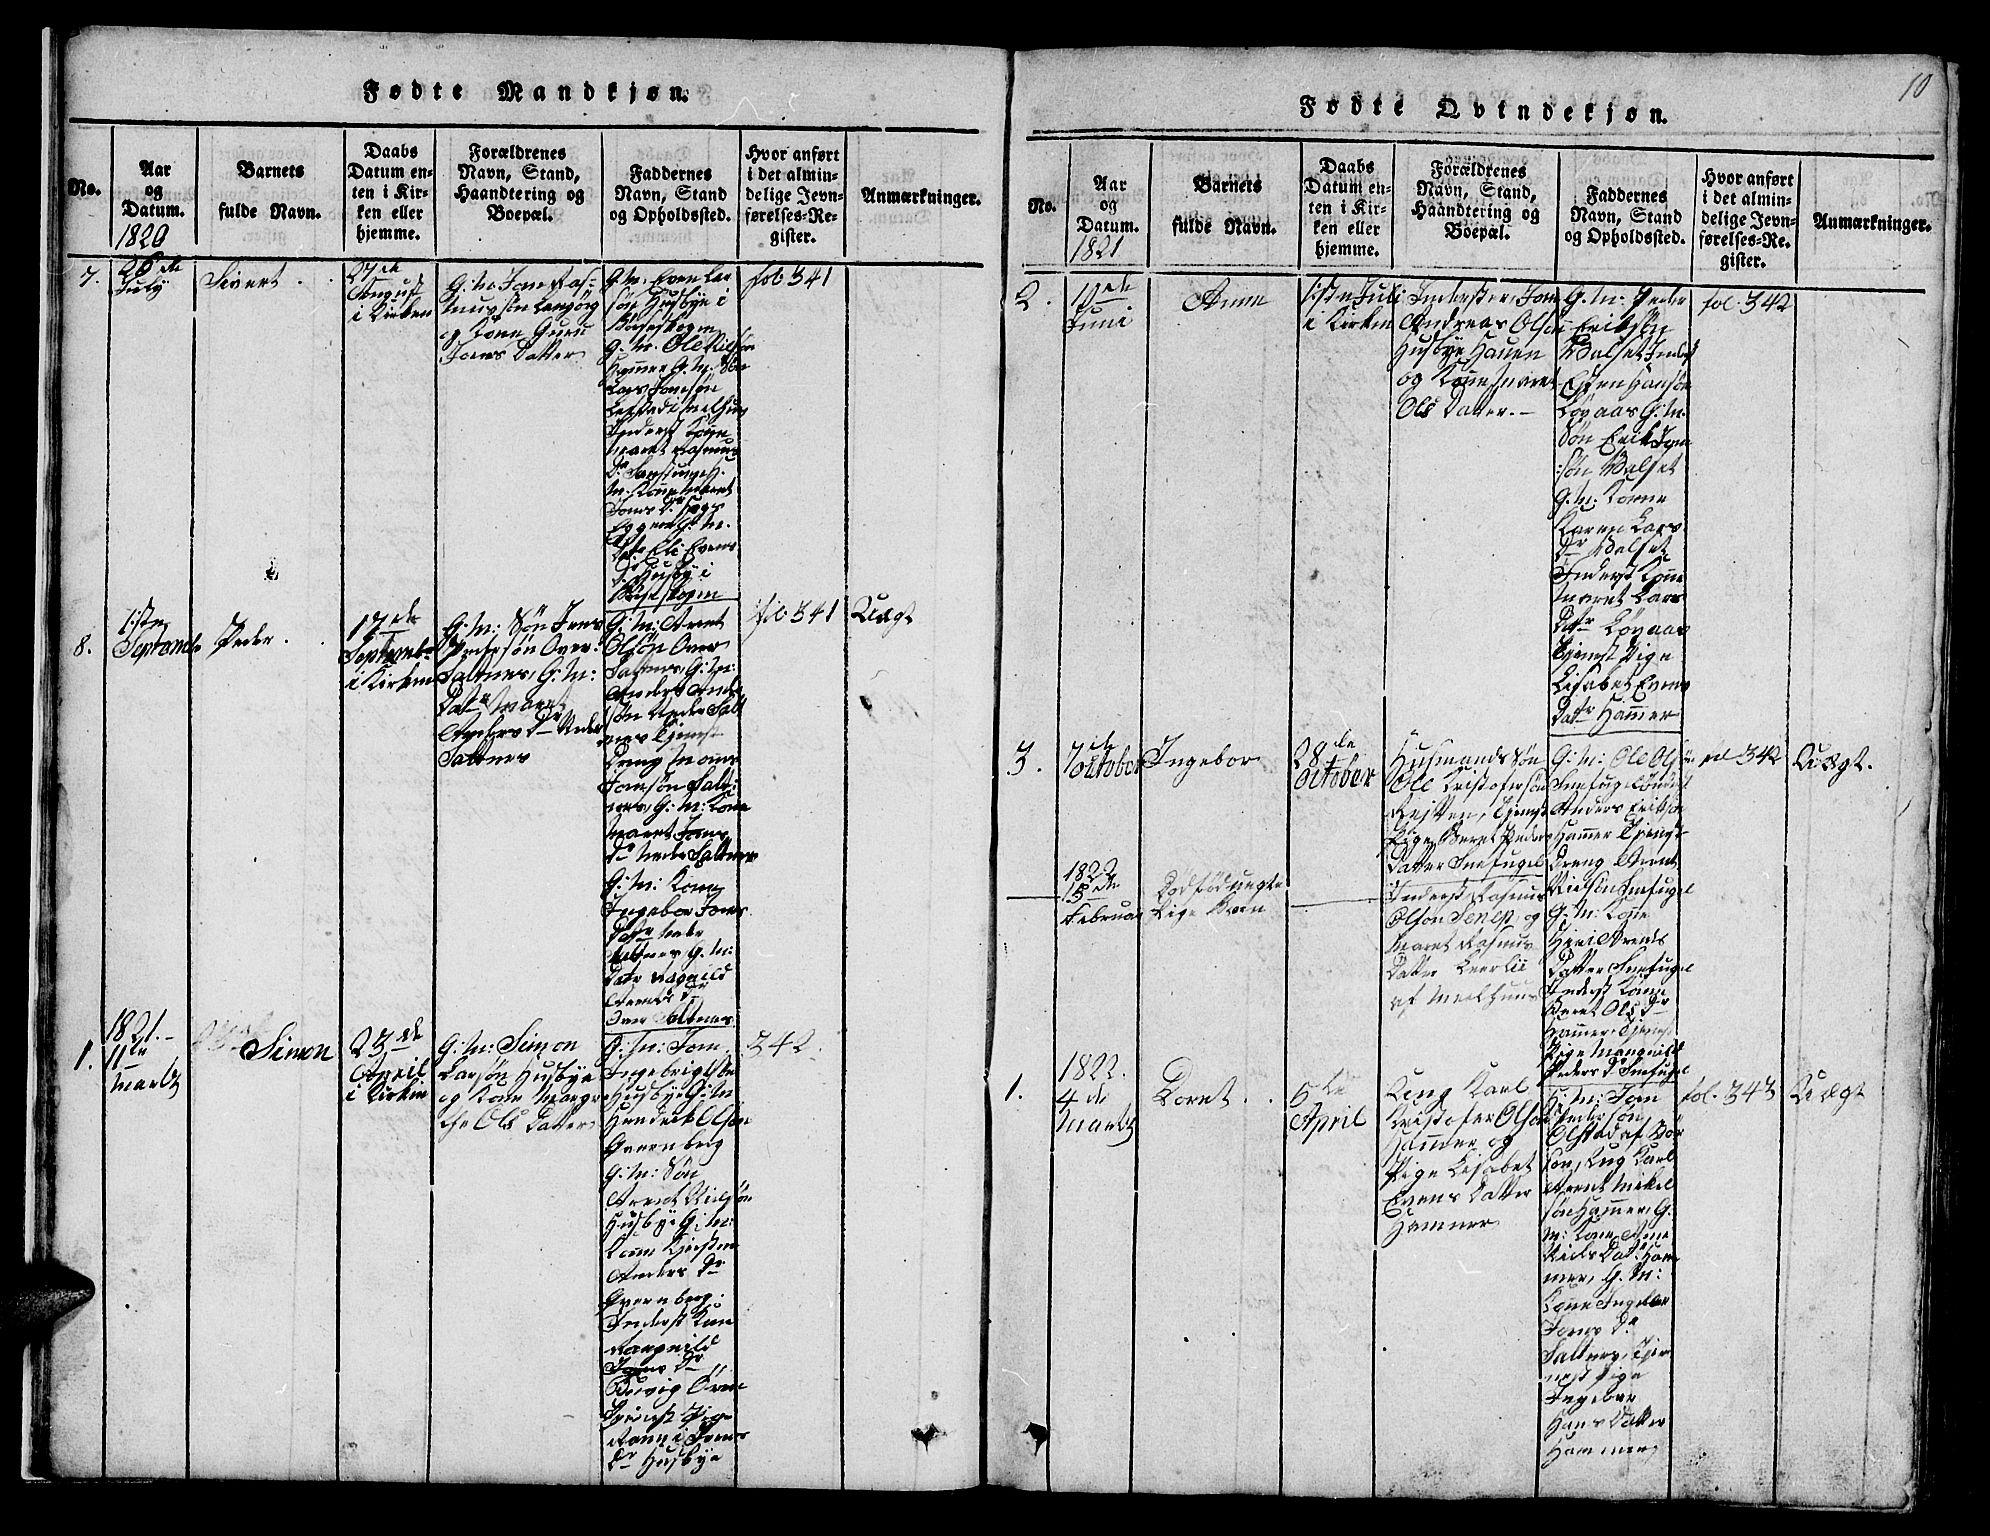 SAT, Ministerialprotokoller, klokkerbøker og fødselsregistre - Sør-Trøndelag, 666/L0788: Klokkerbok nr. 666C01, 1816-1847, s. 10